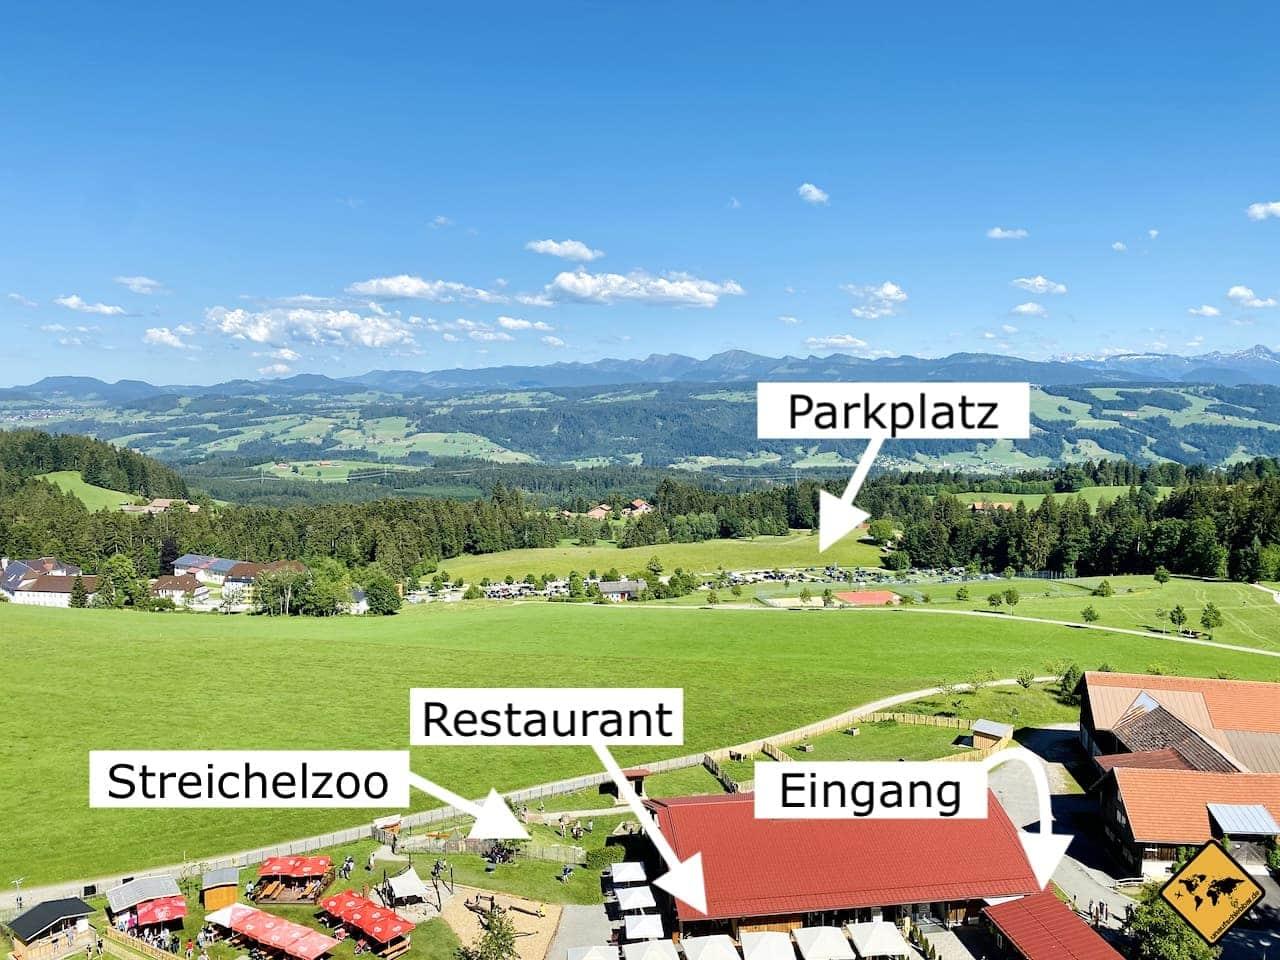 Ausblick Restaurant Streichelzoo Parkplatz